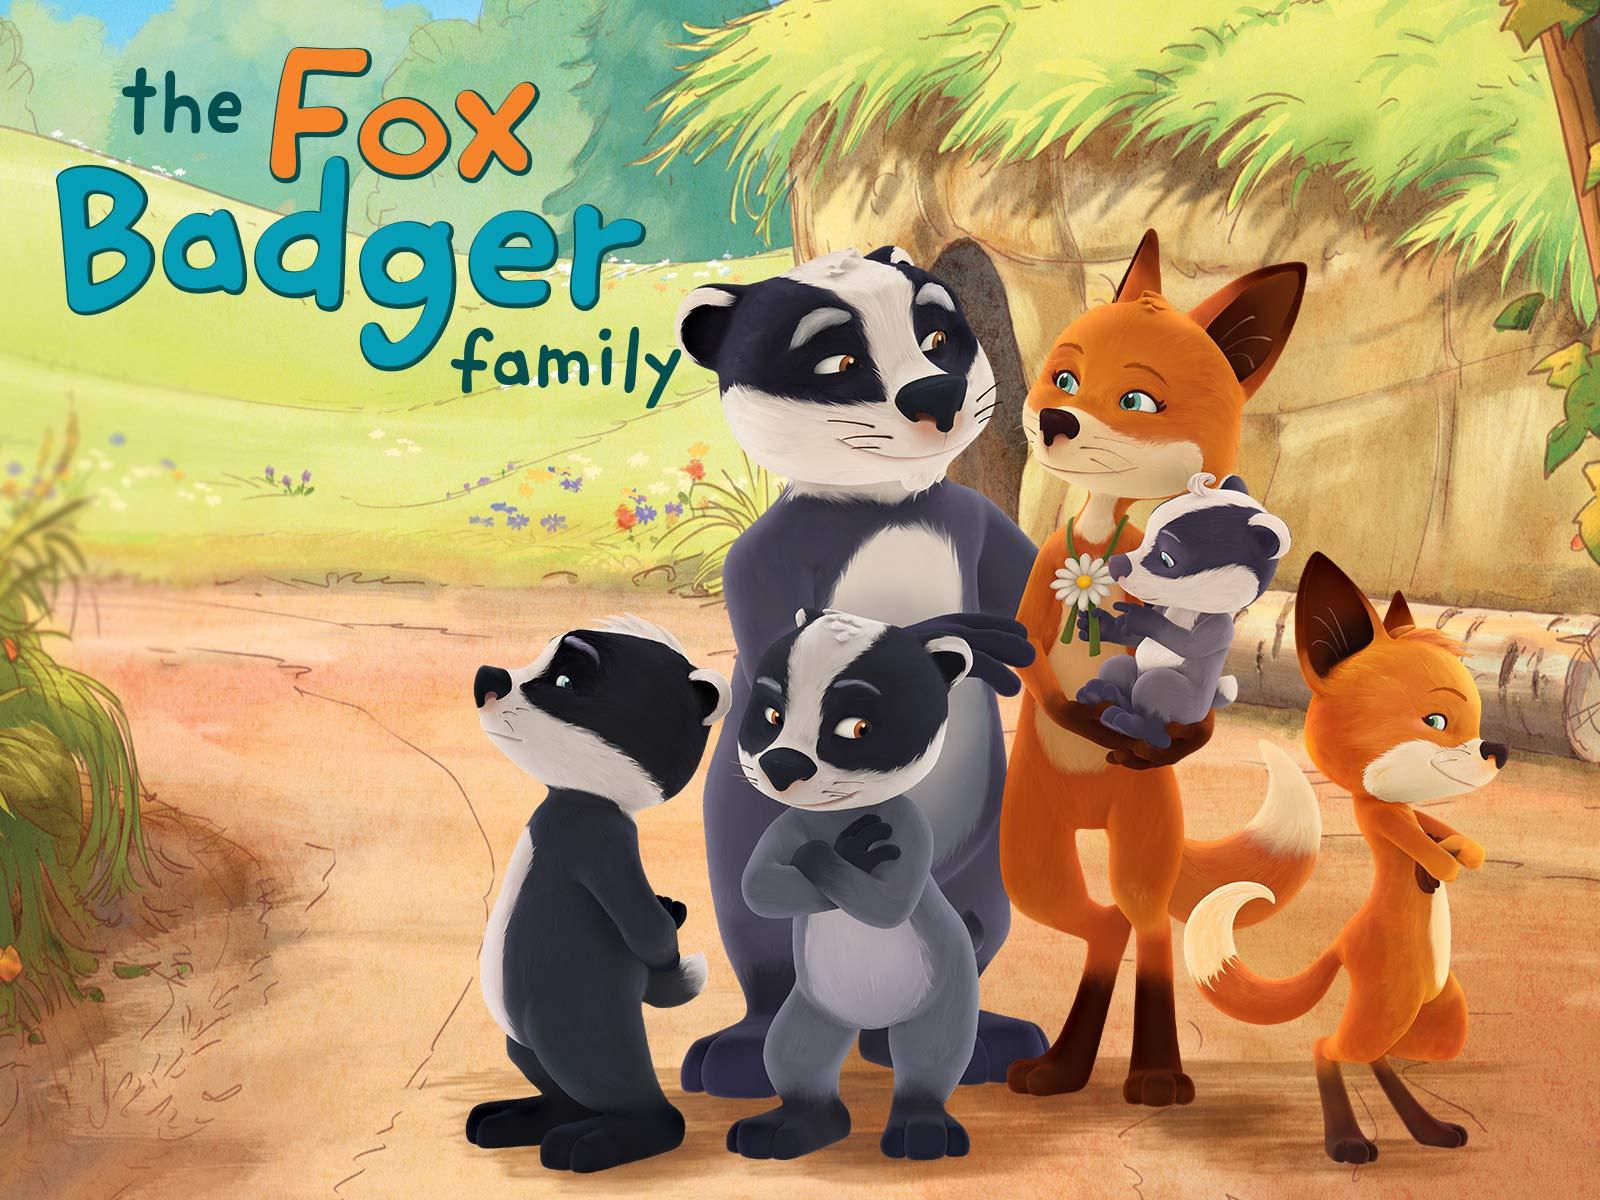 The Fox Badger Family